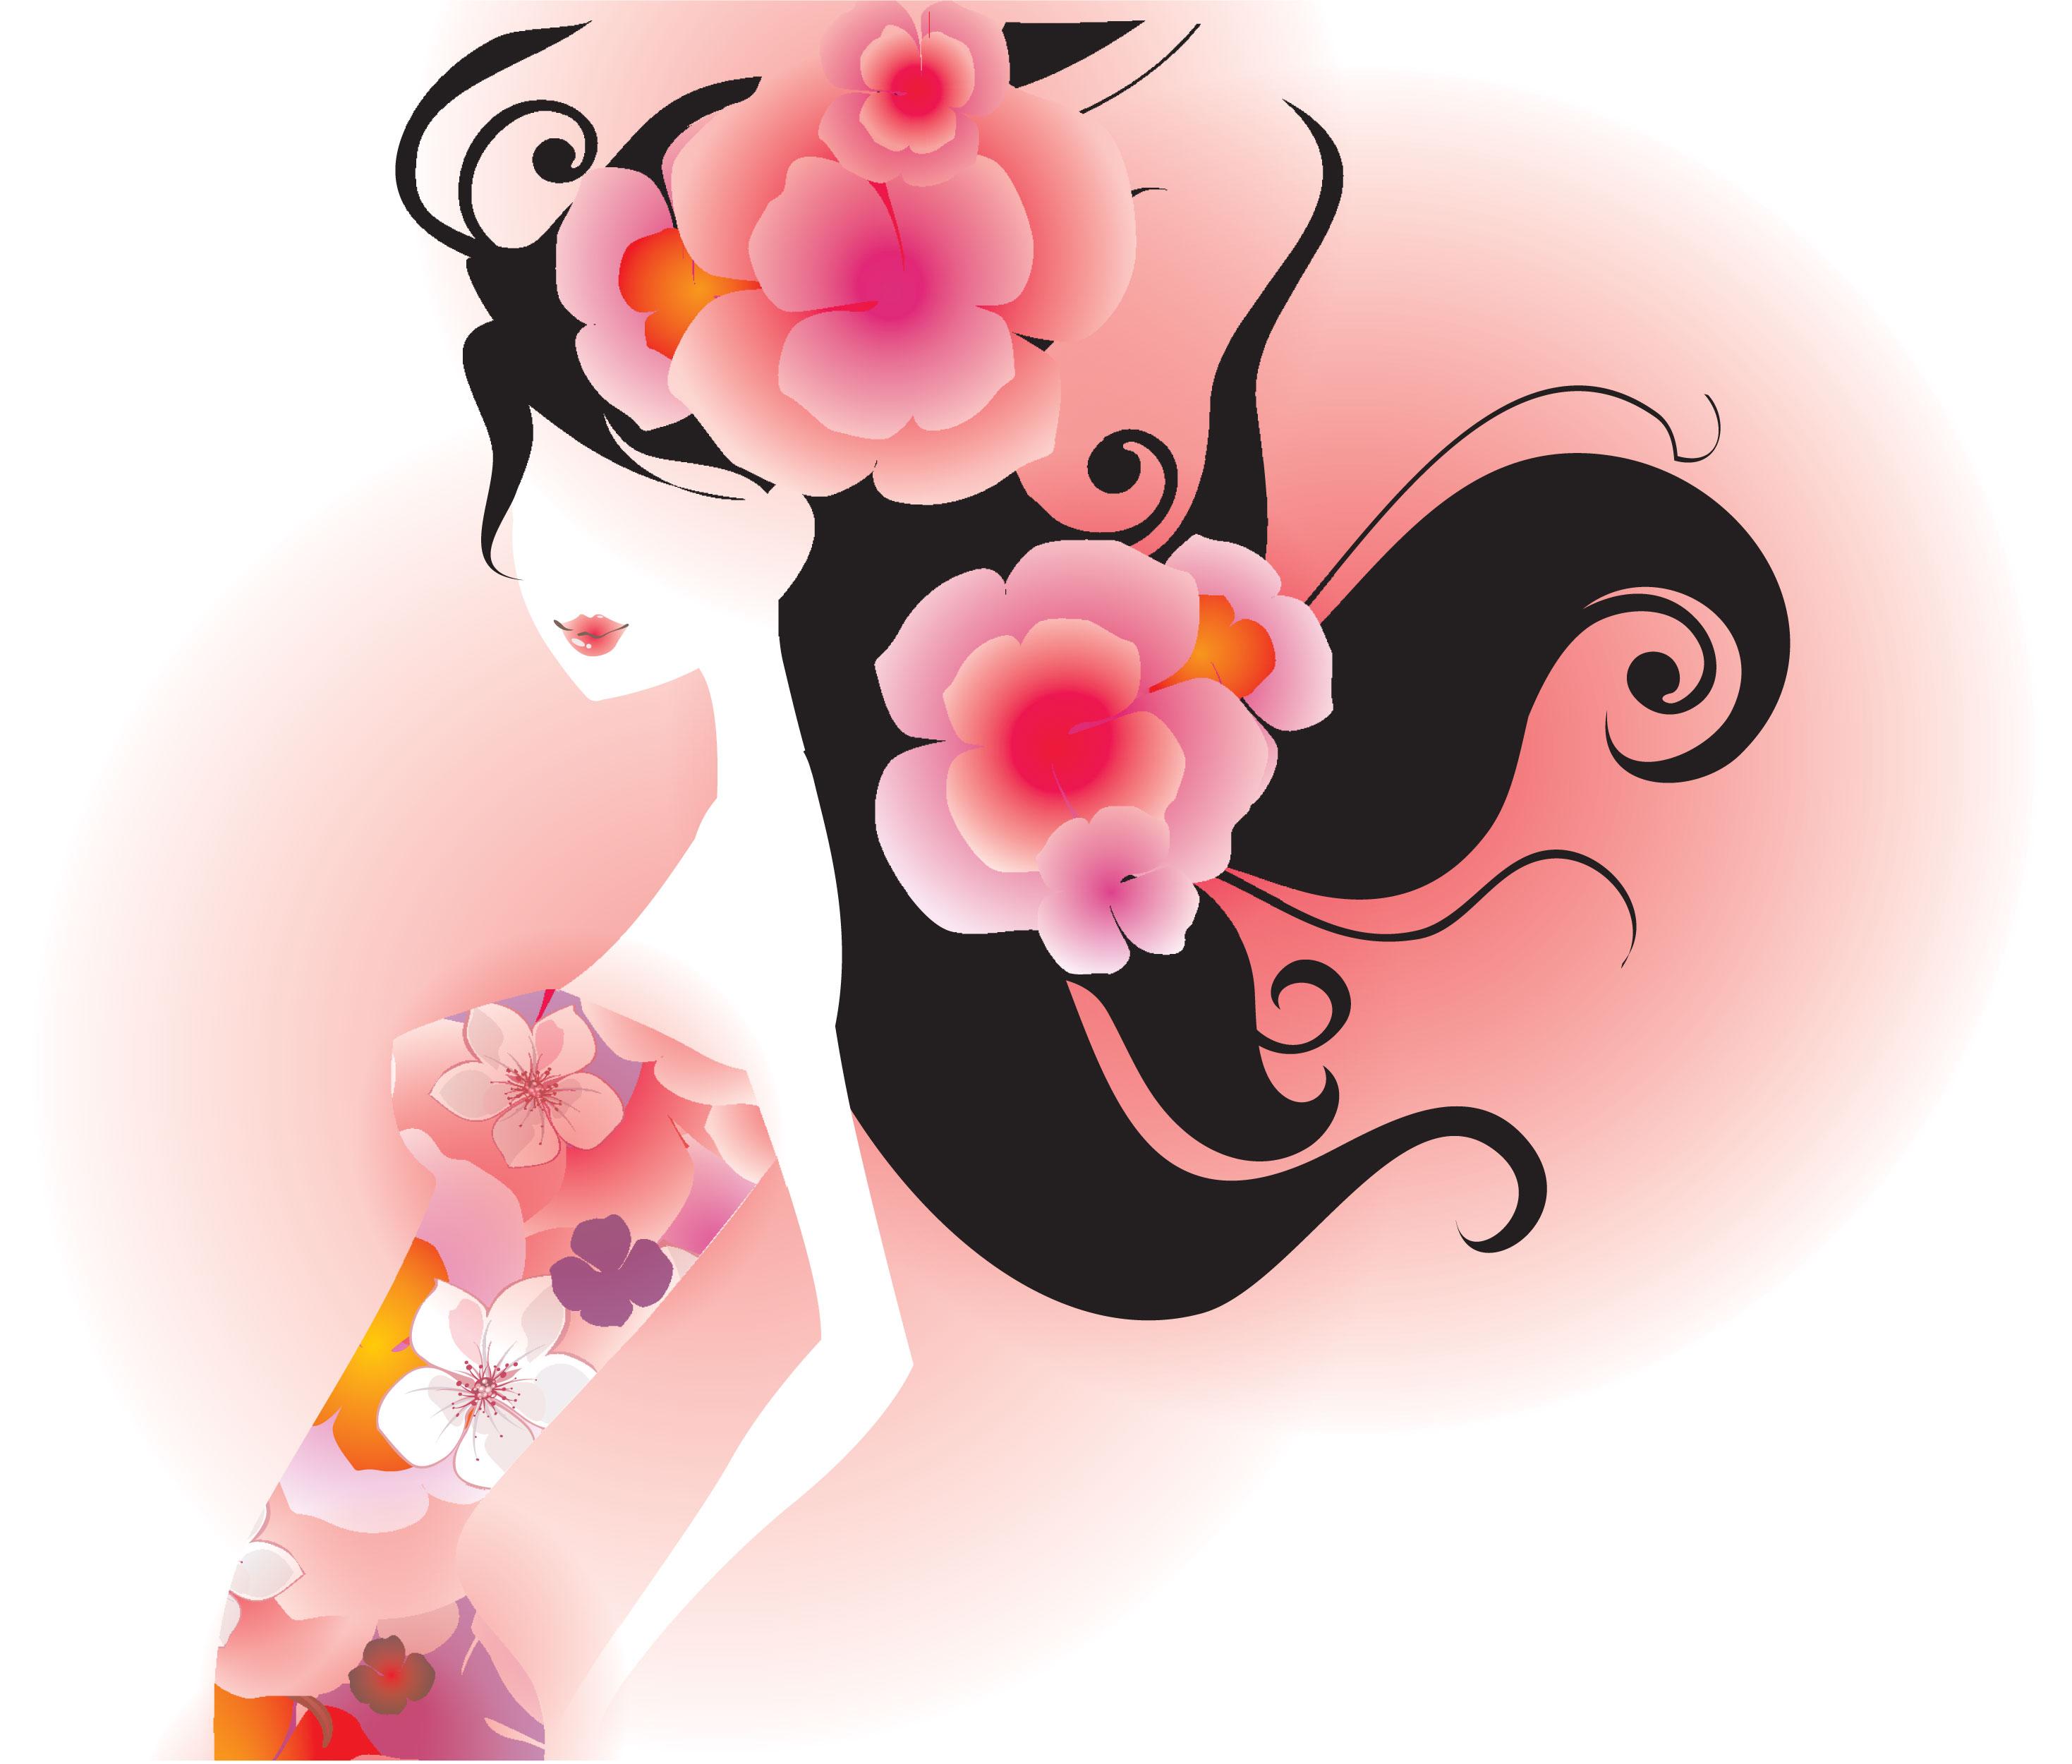 ピンクの花のイラストフリー素材壁紙背景no618女性黒髪ピンク